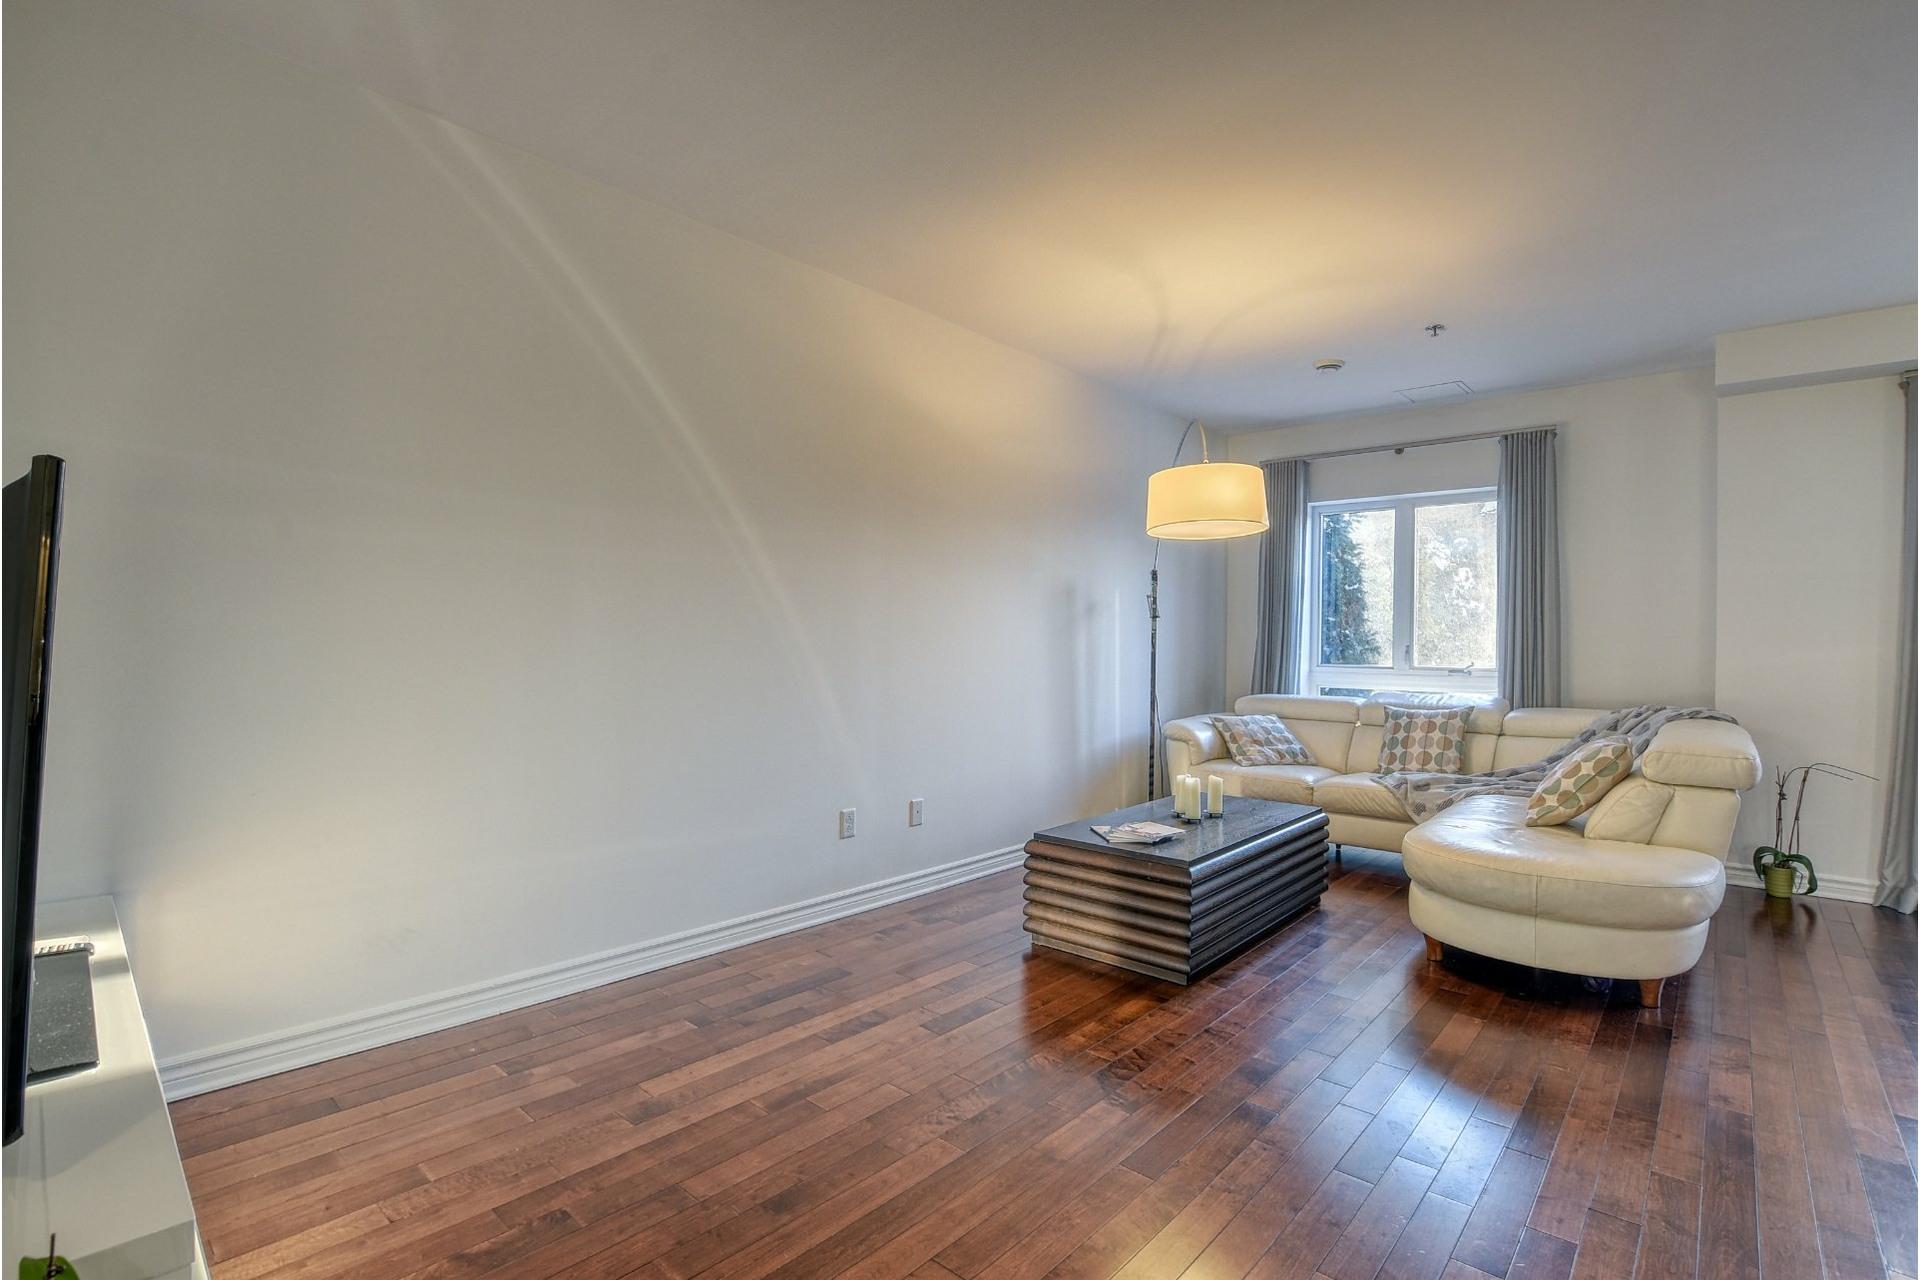 image 7 - Apartment For sale Saint-Laurent Montréal  - 7 rooms